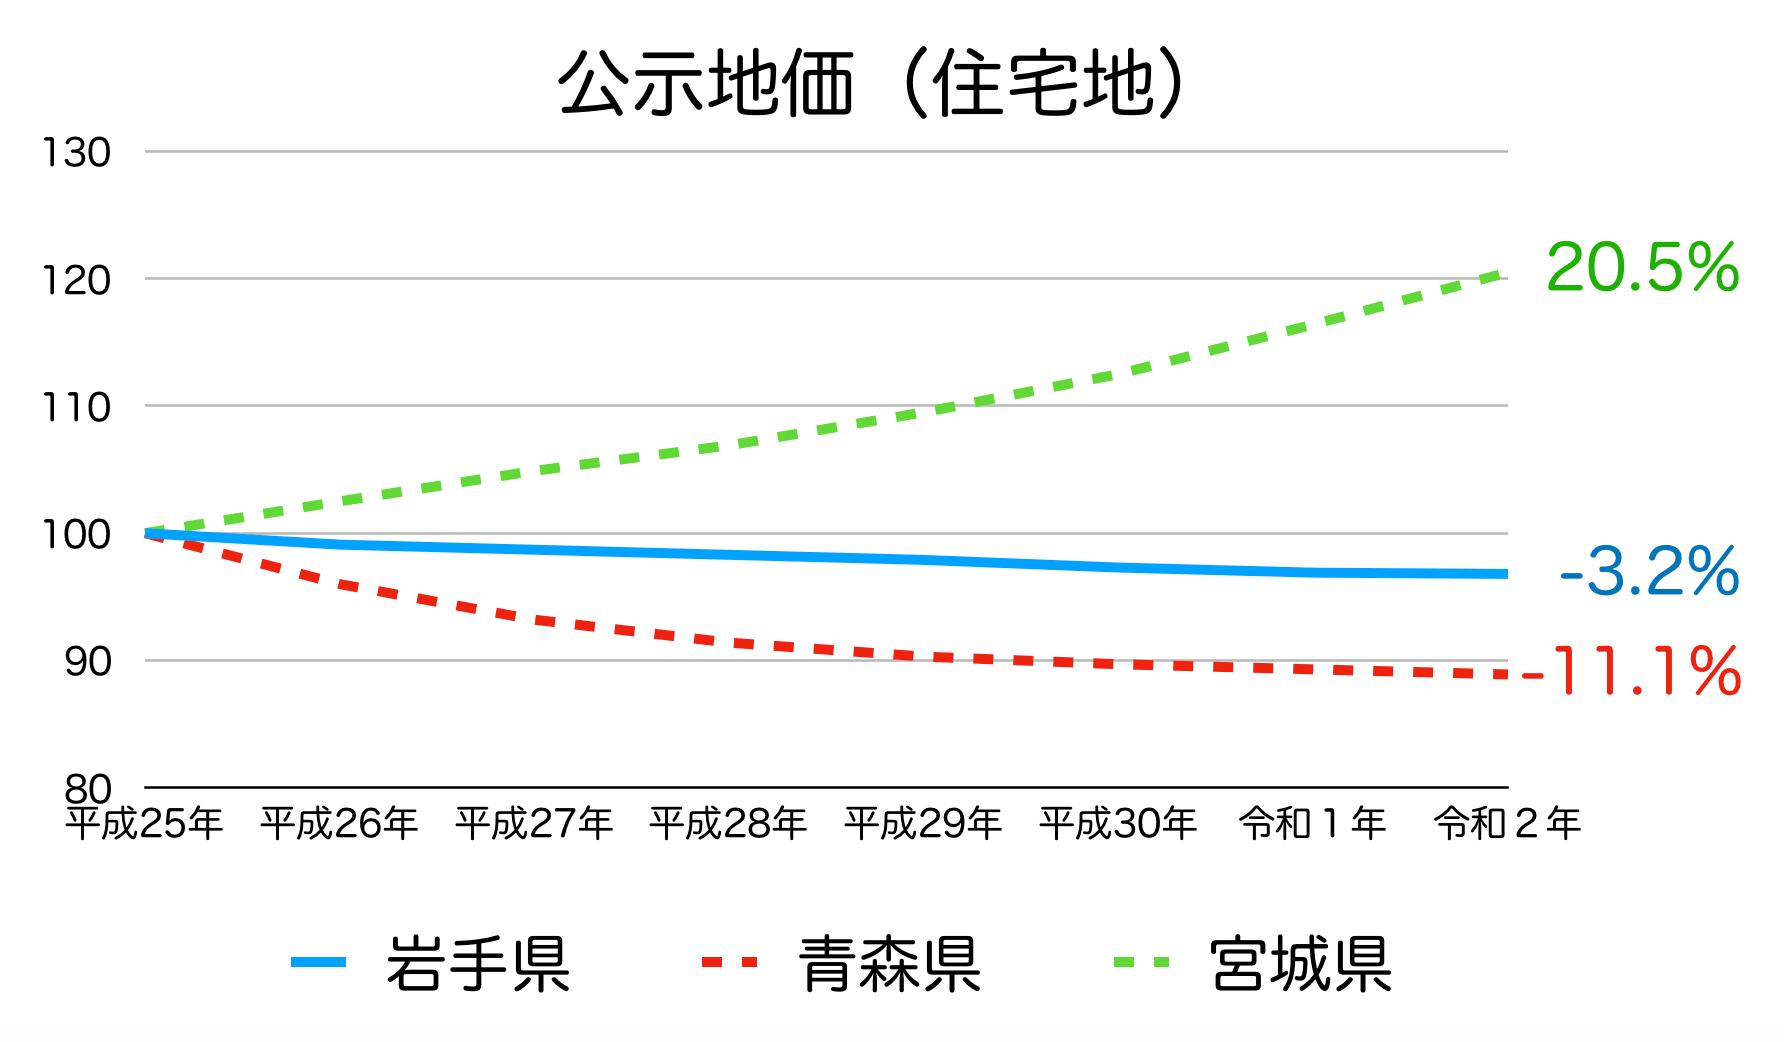 岩手県の公示地価の推移